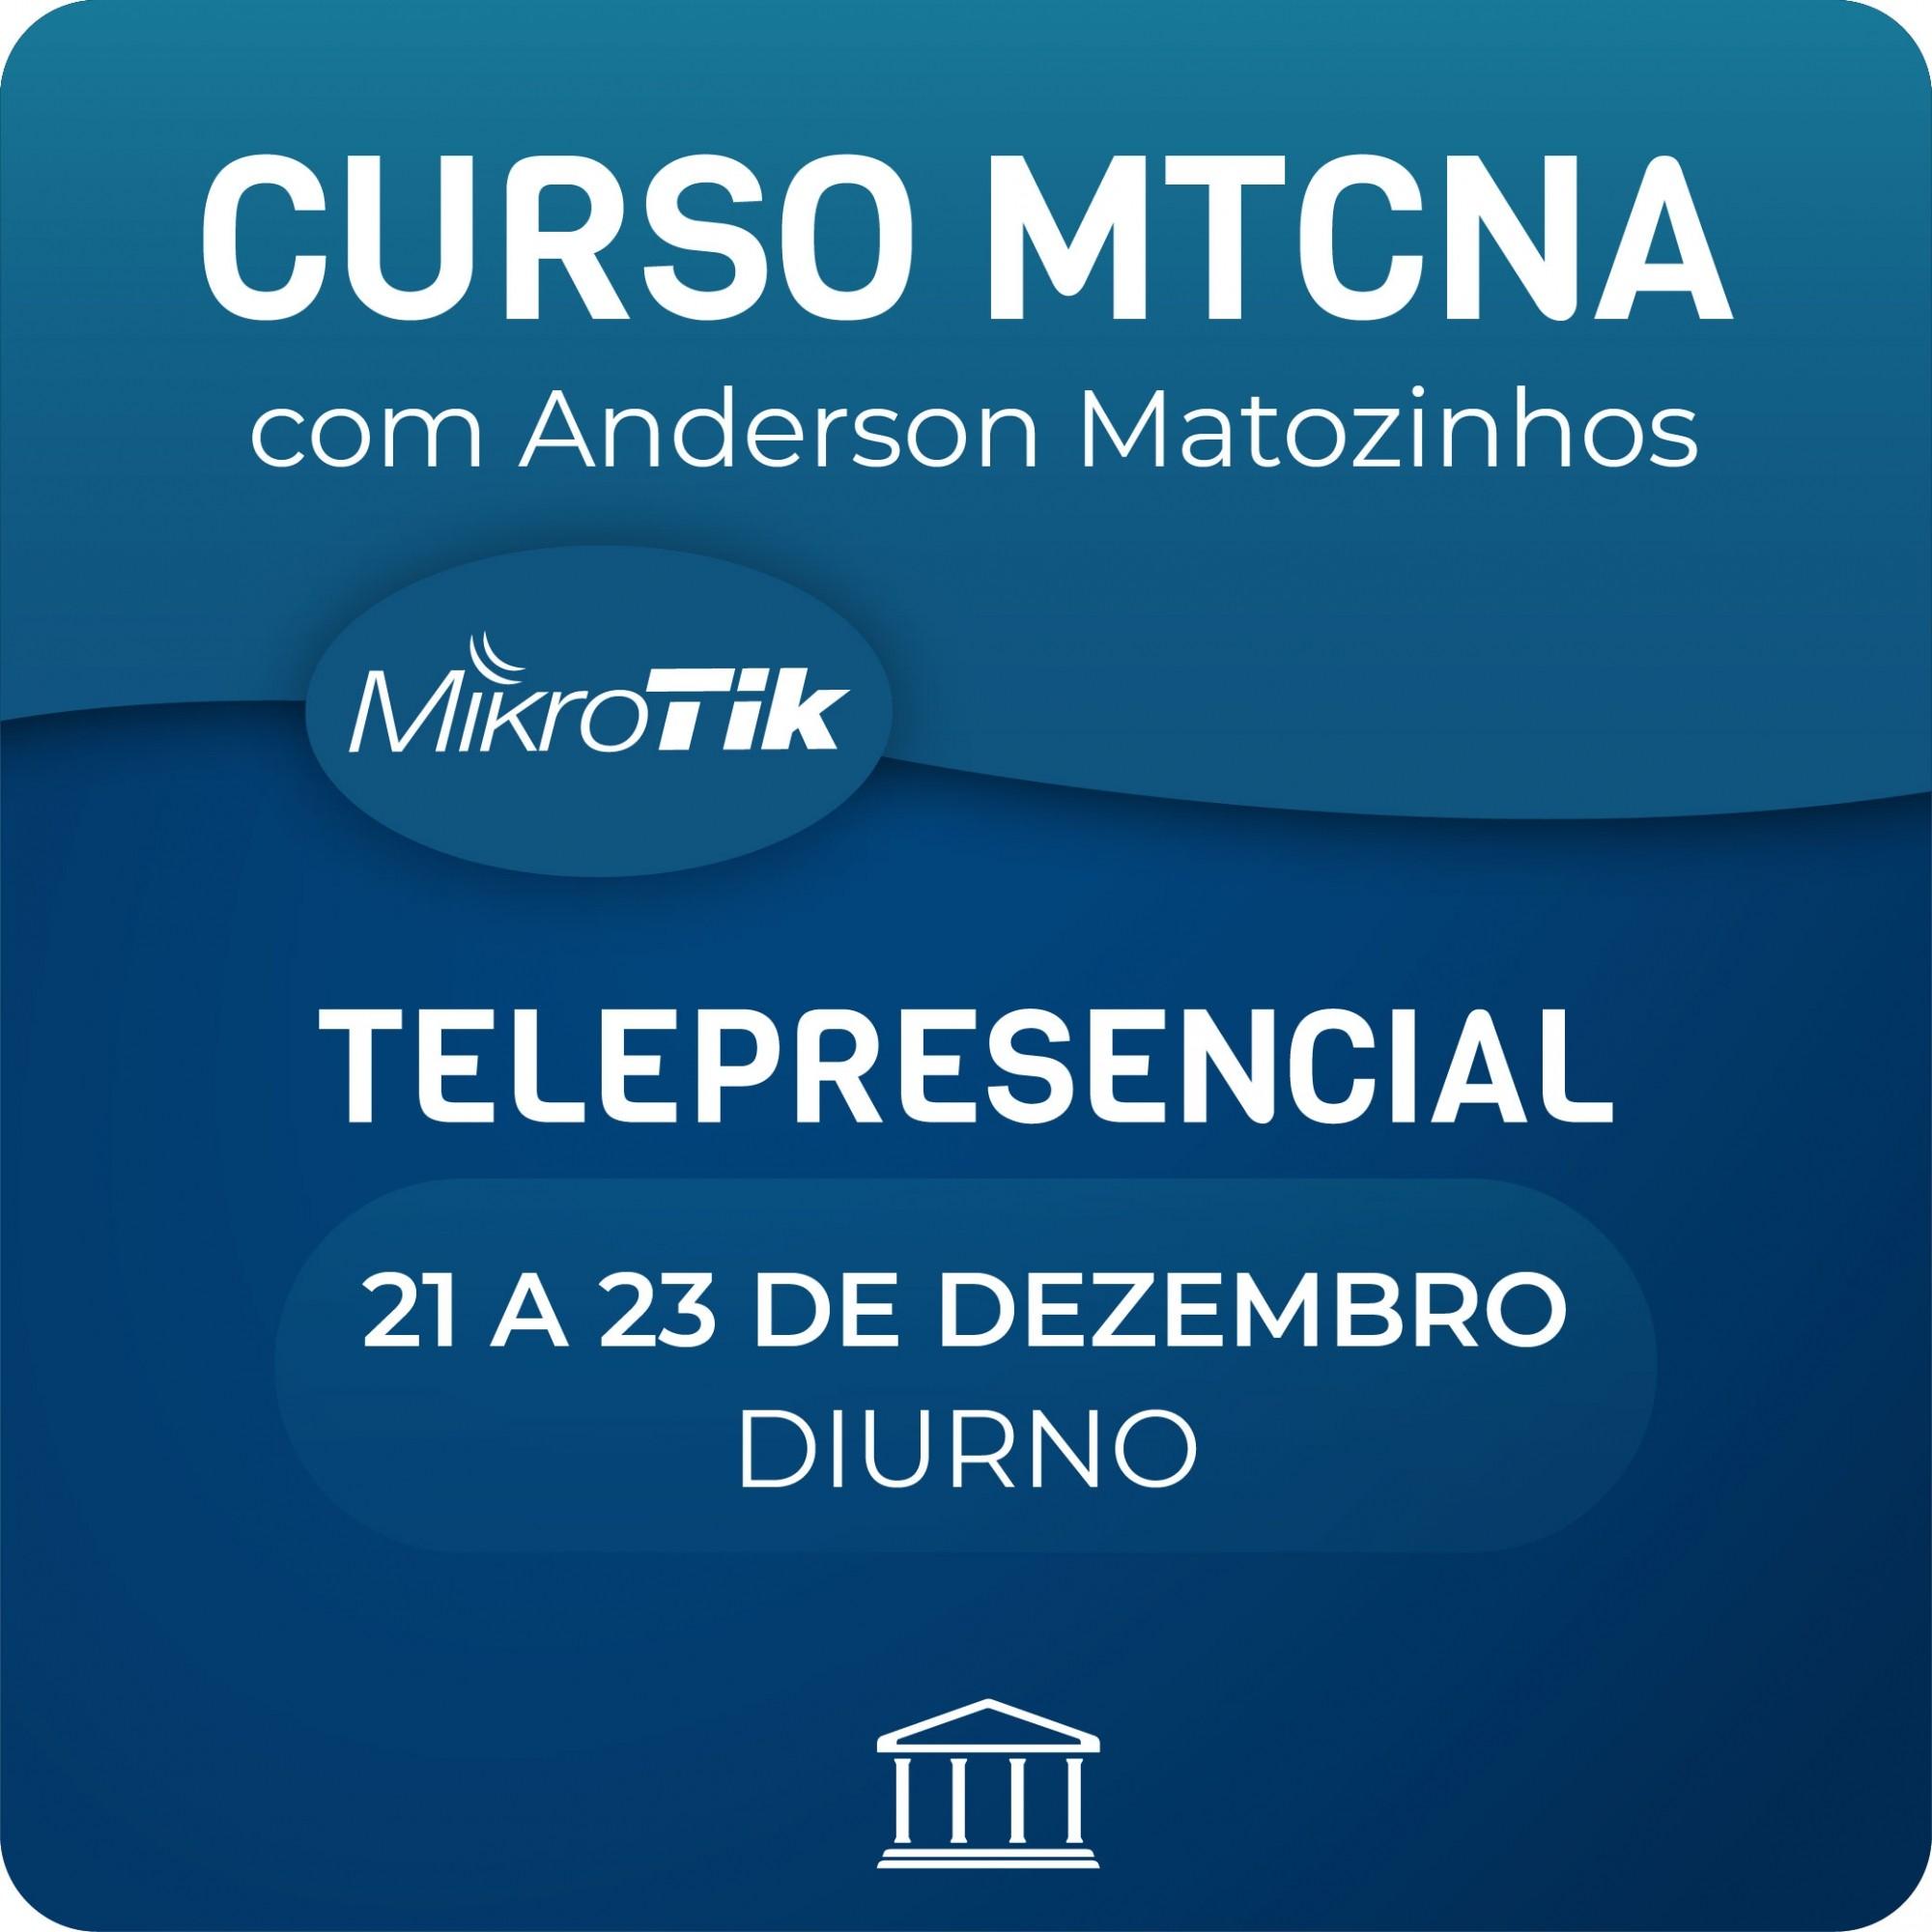 Curso MTCNA Telepresencial  - Voz e Dados